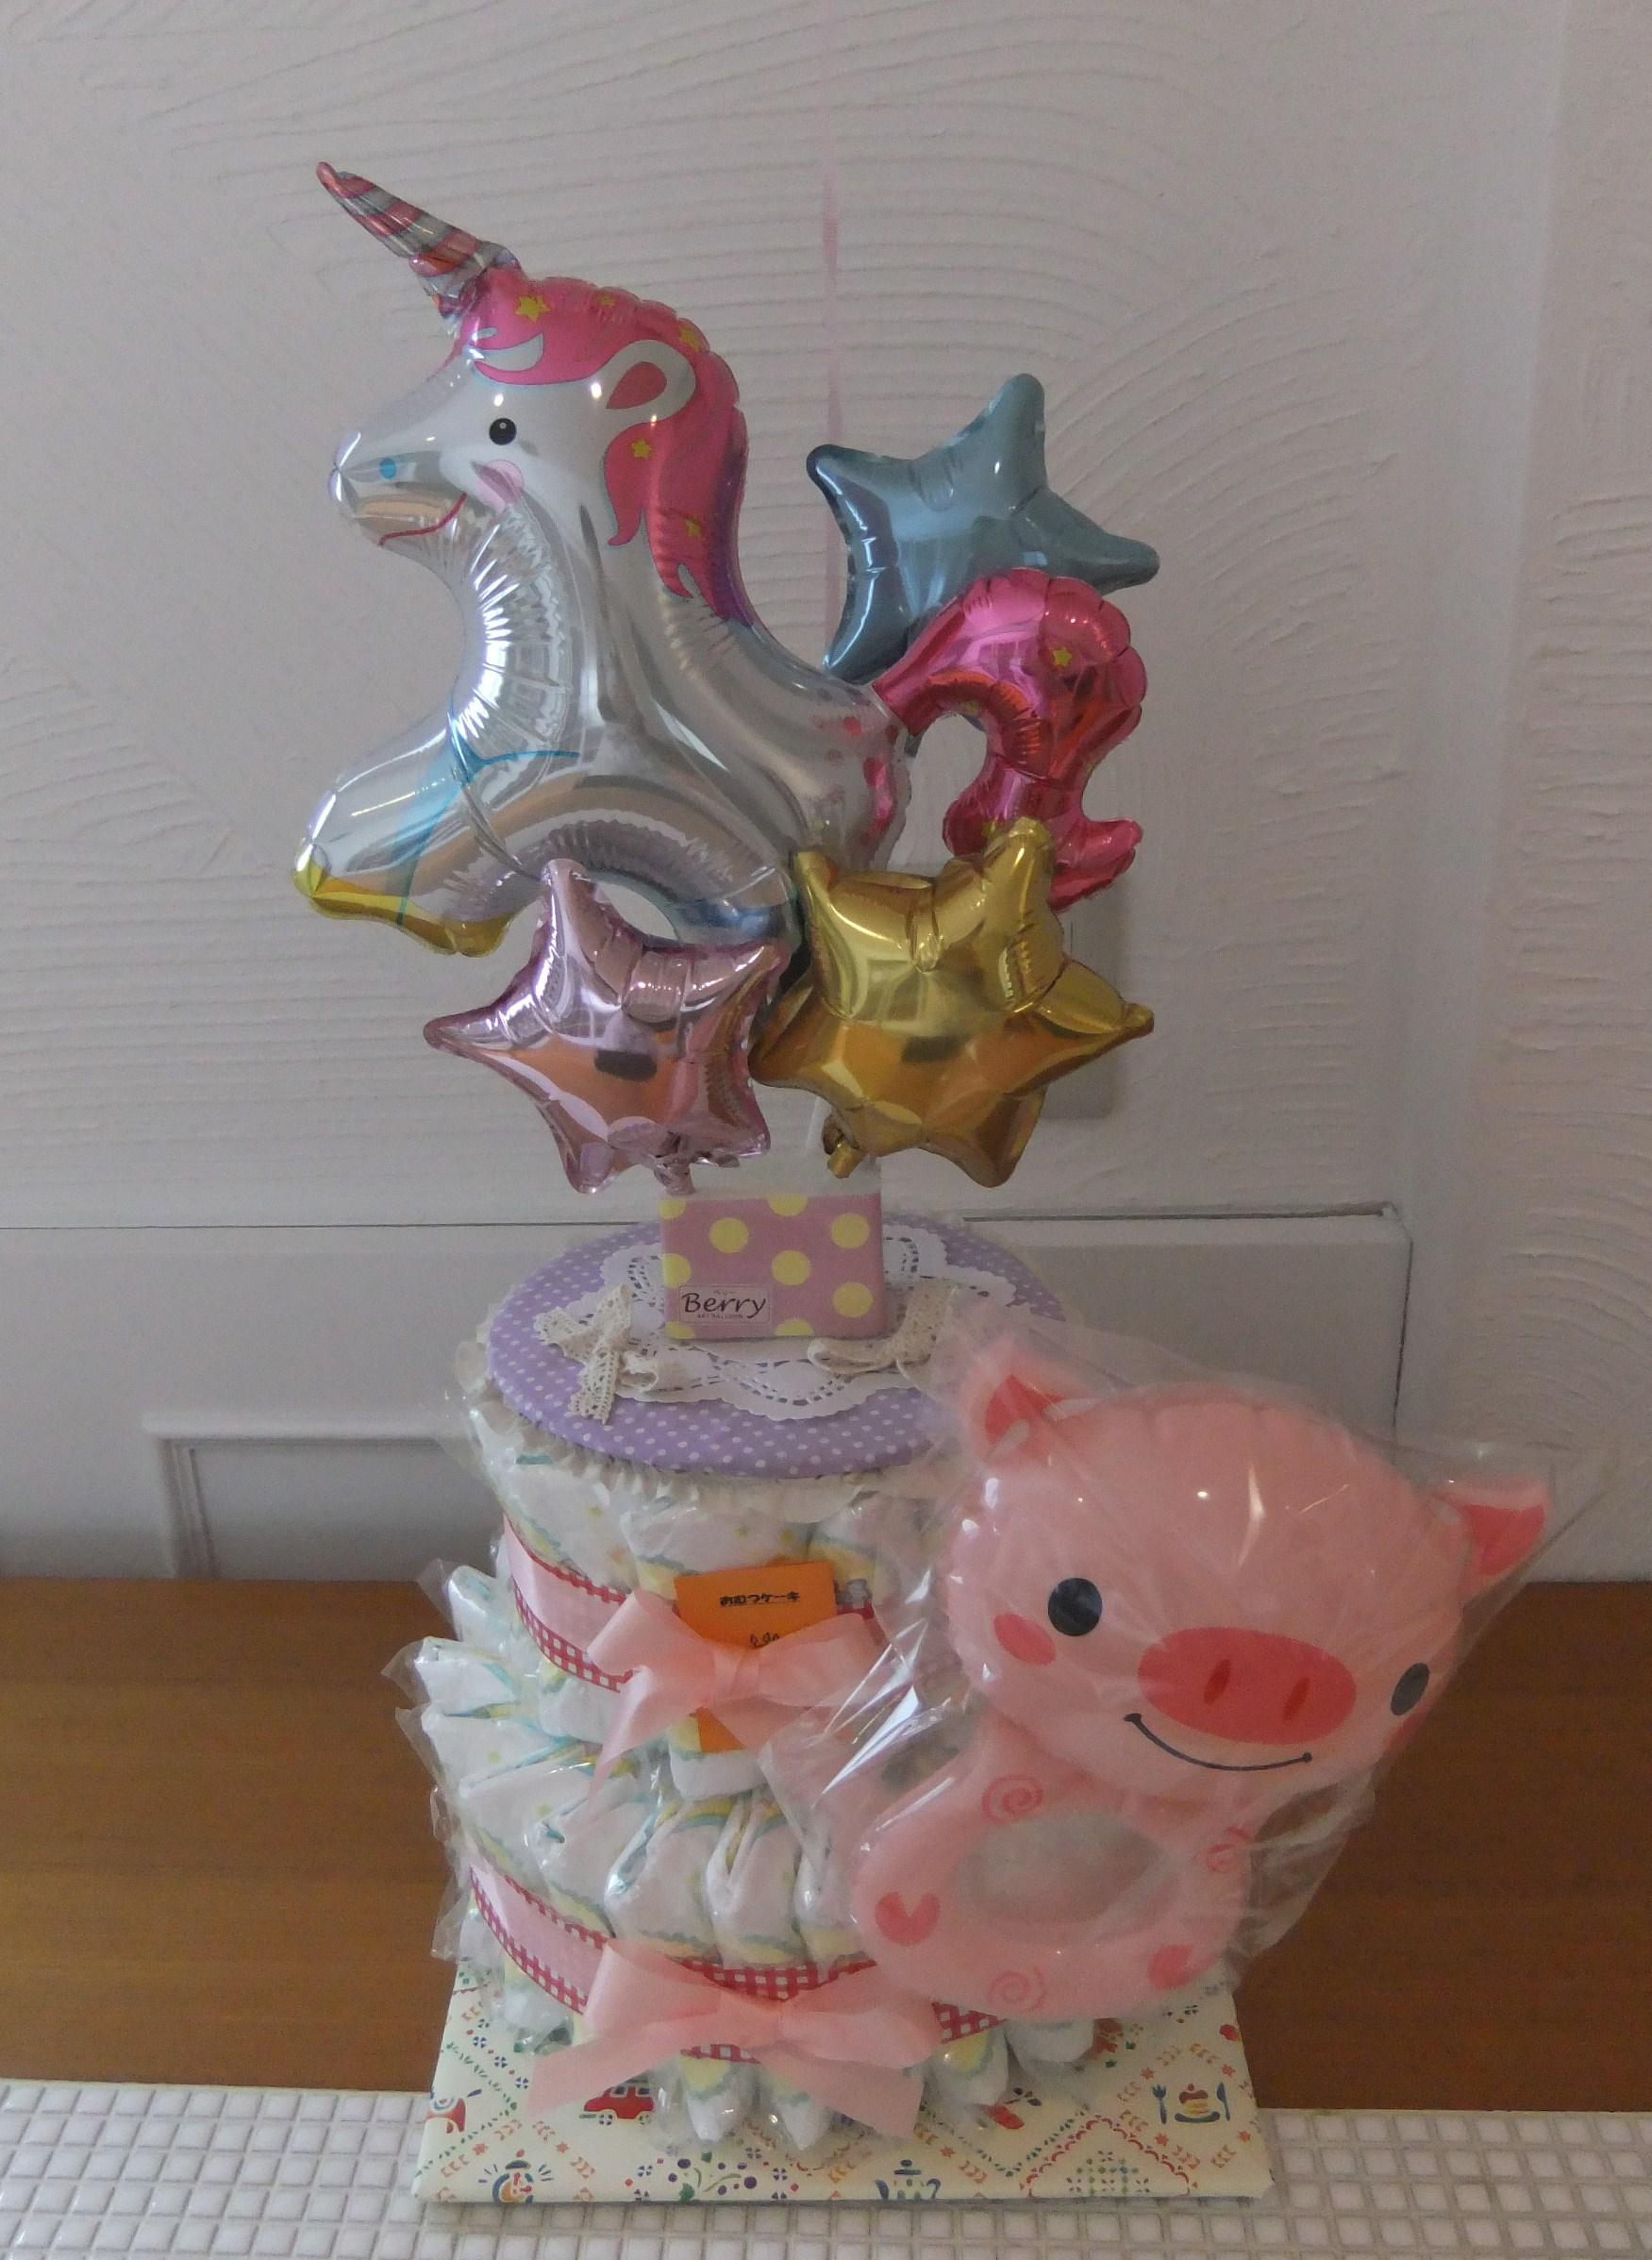 「うま」年産まれの赤ちゃんの出産祝いに!ユニコーンが夢と幸せを運びます♥